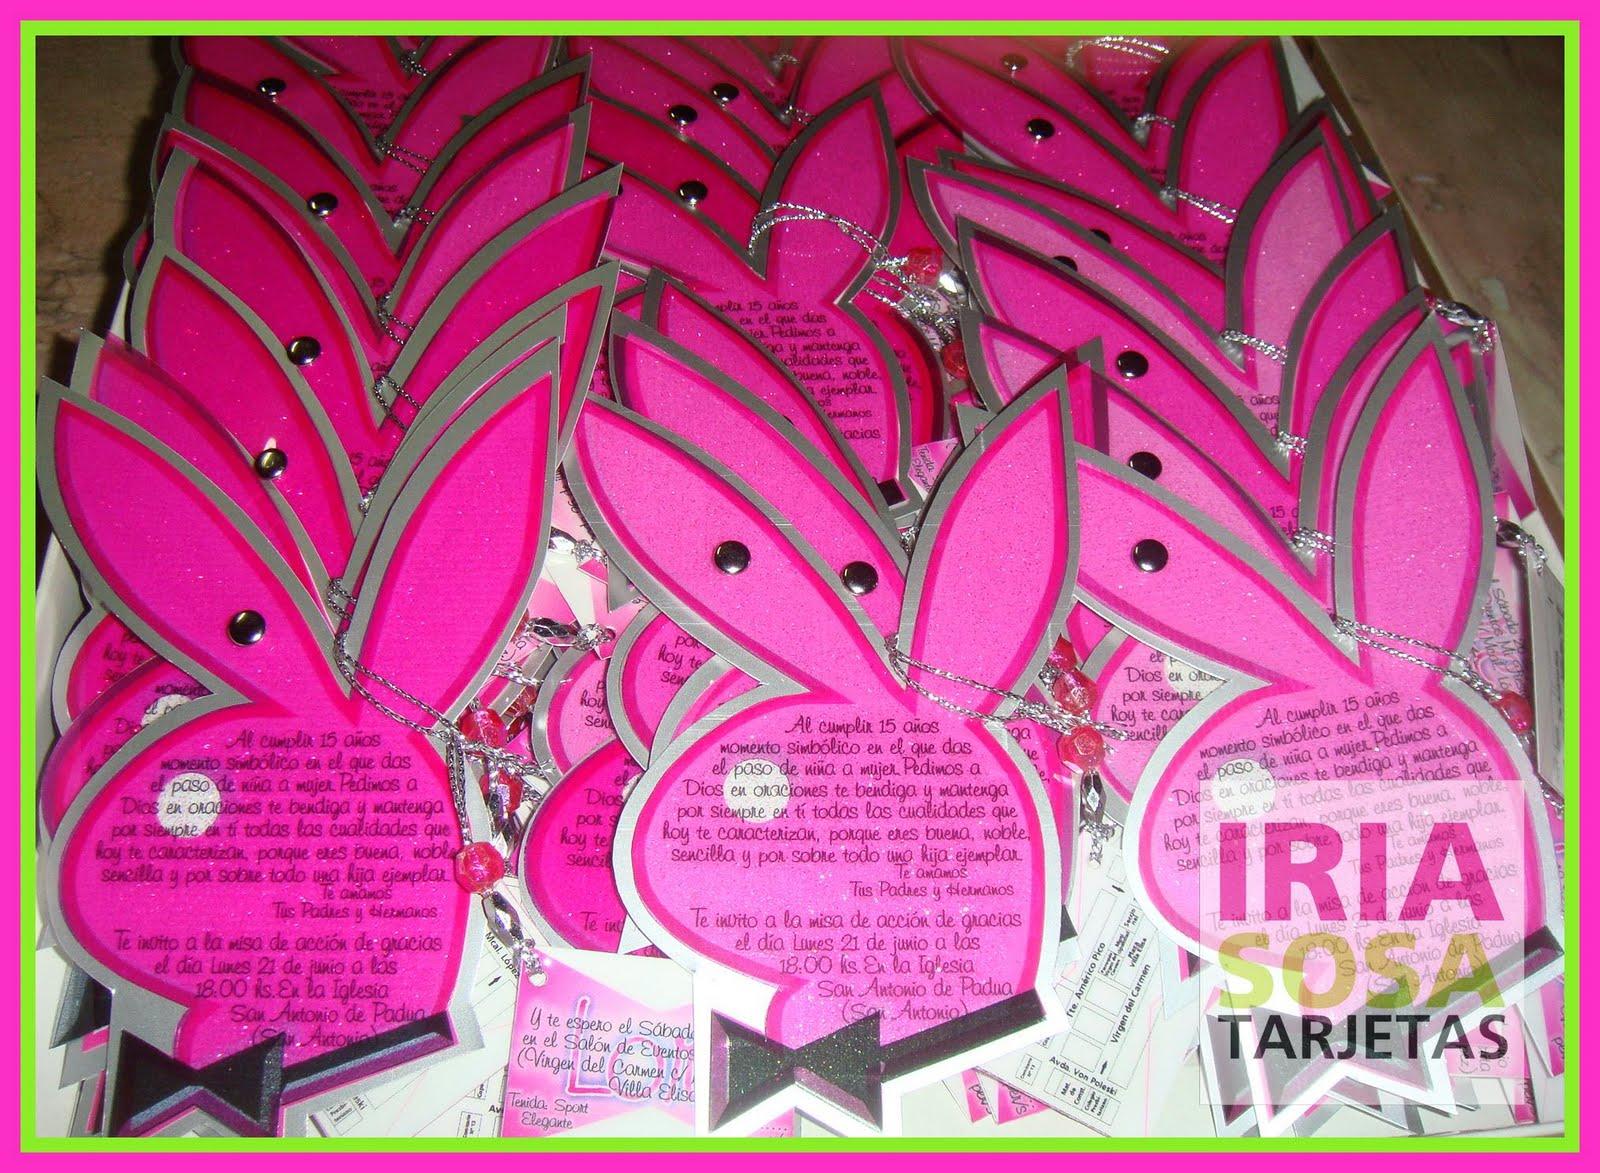 Playboy  15 A  Os Lorena De Los Santos Mareco